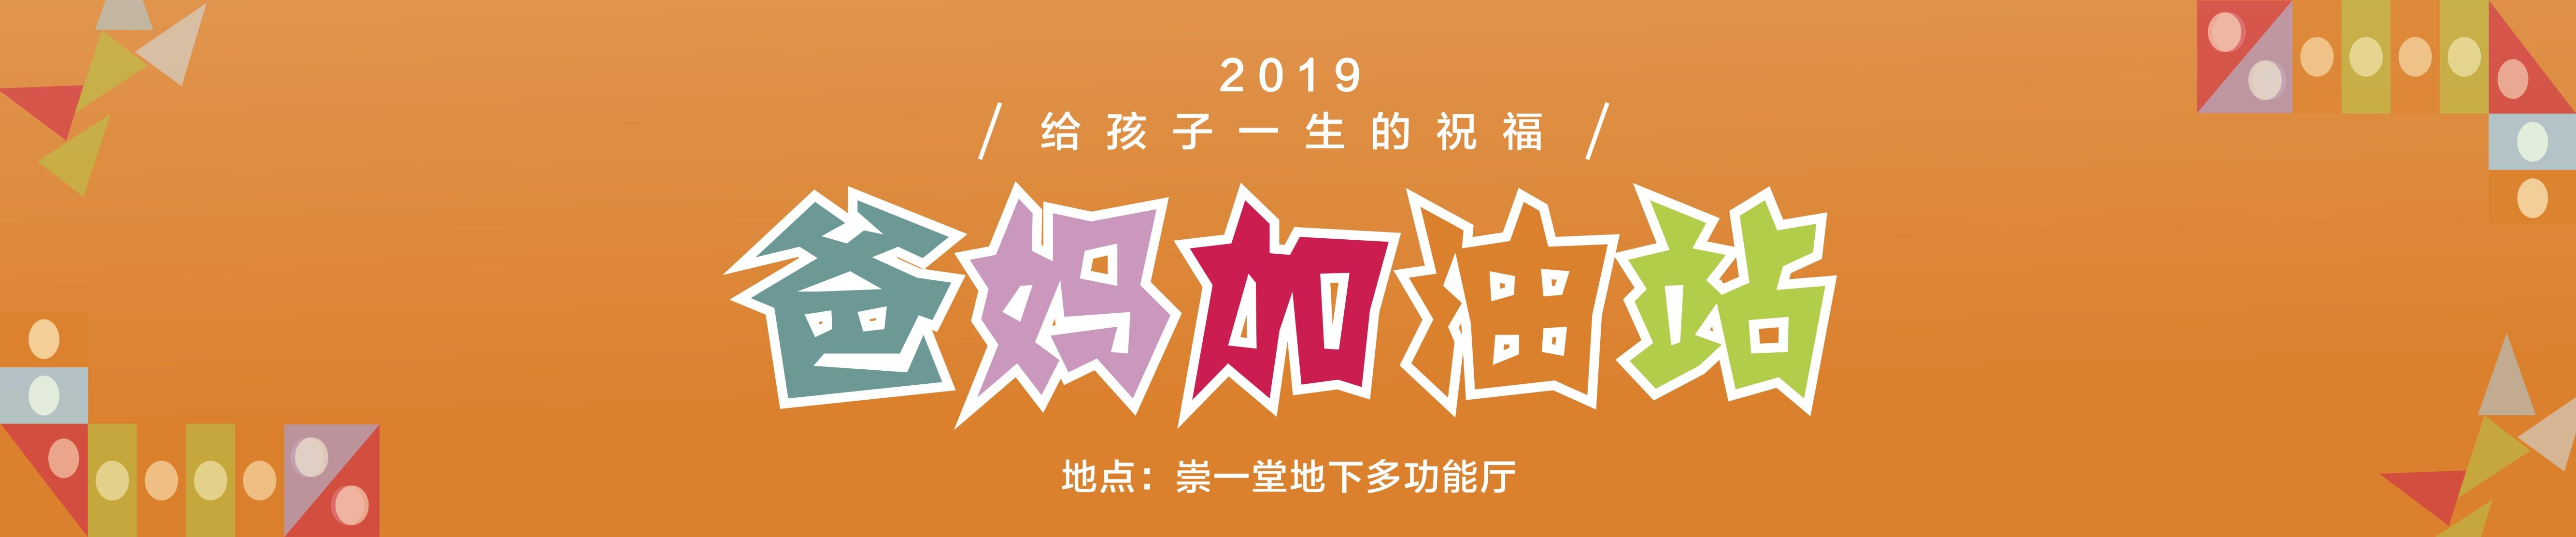 """崇一堂2019年亲子事工""""爸妈加油站""""课程"""